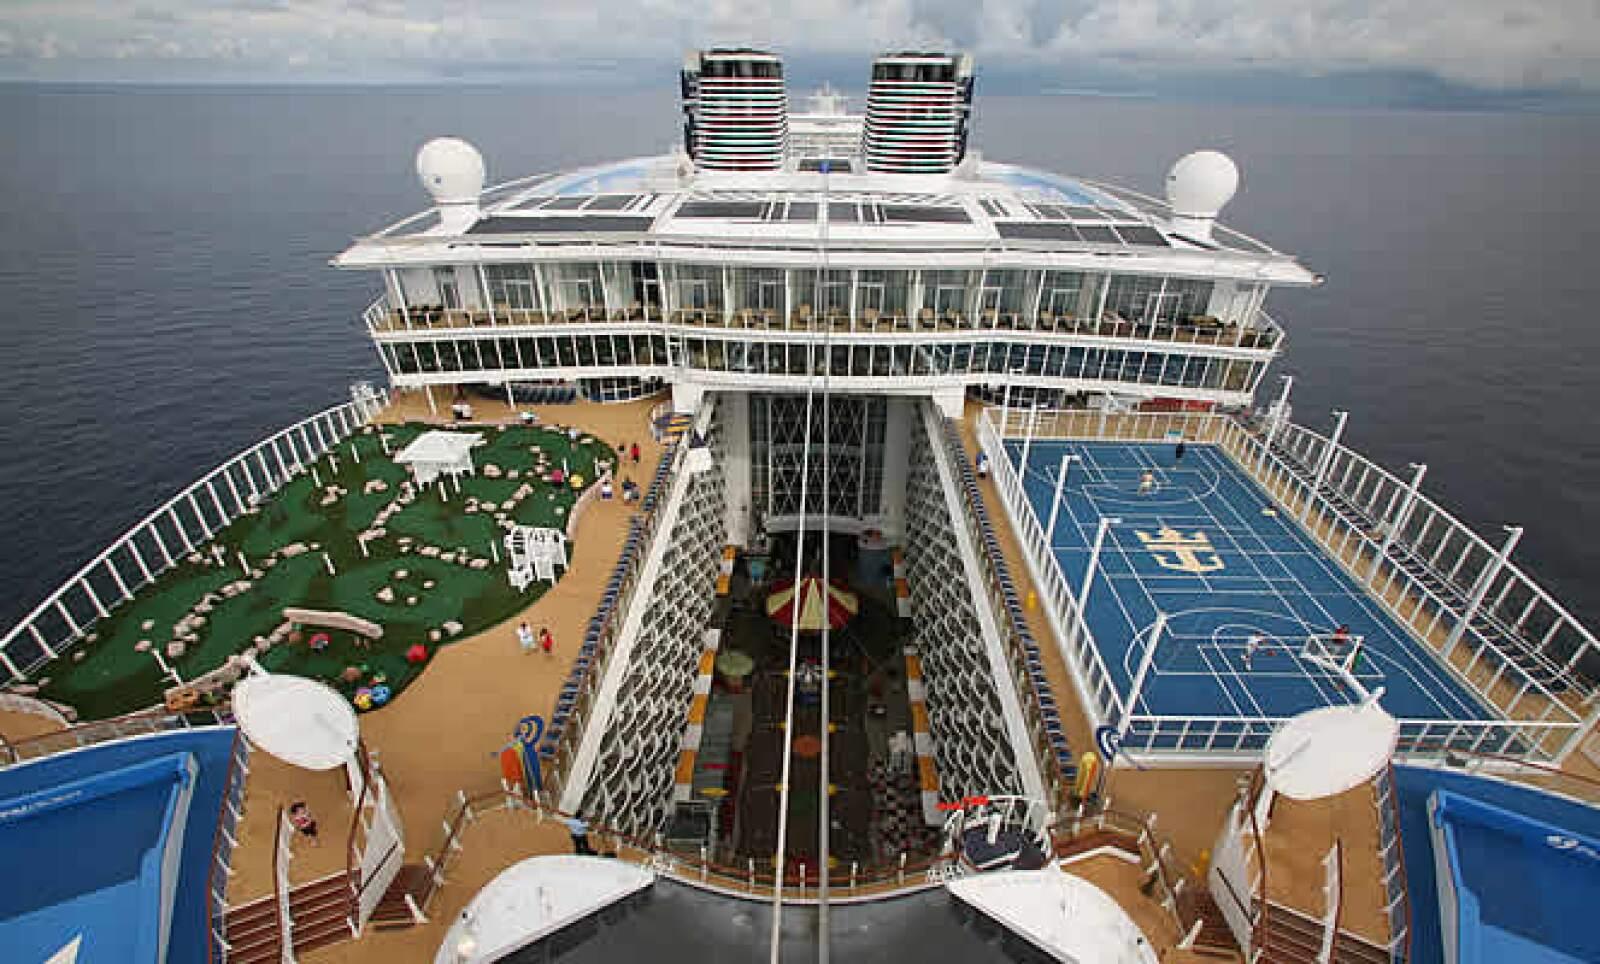 Al pasear por las aguas, a bordo del Oasis of the Seas podrás jugar tenis, basquetbol, nadar, surfear, hacer rappel y relajarte en el spa y gimnasio.